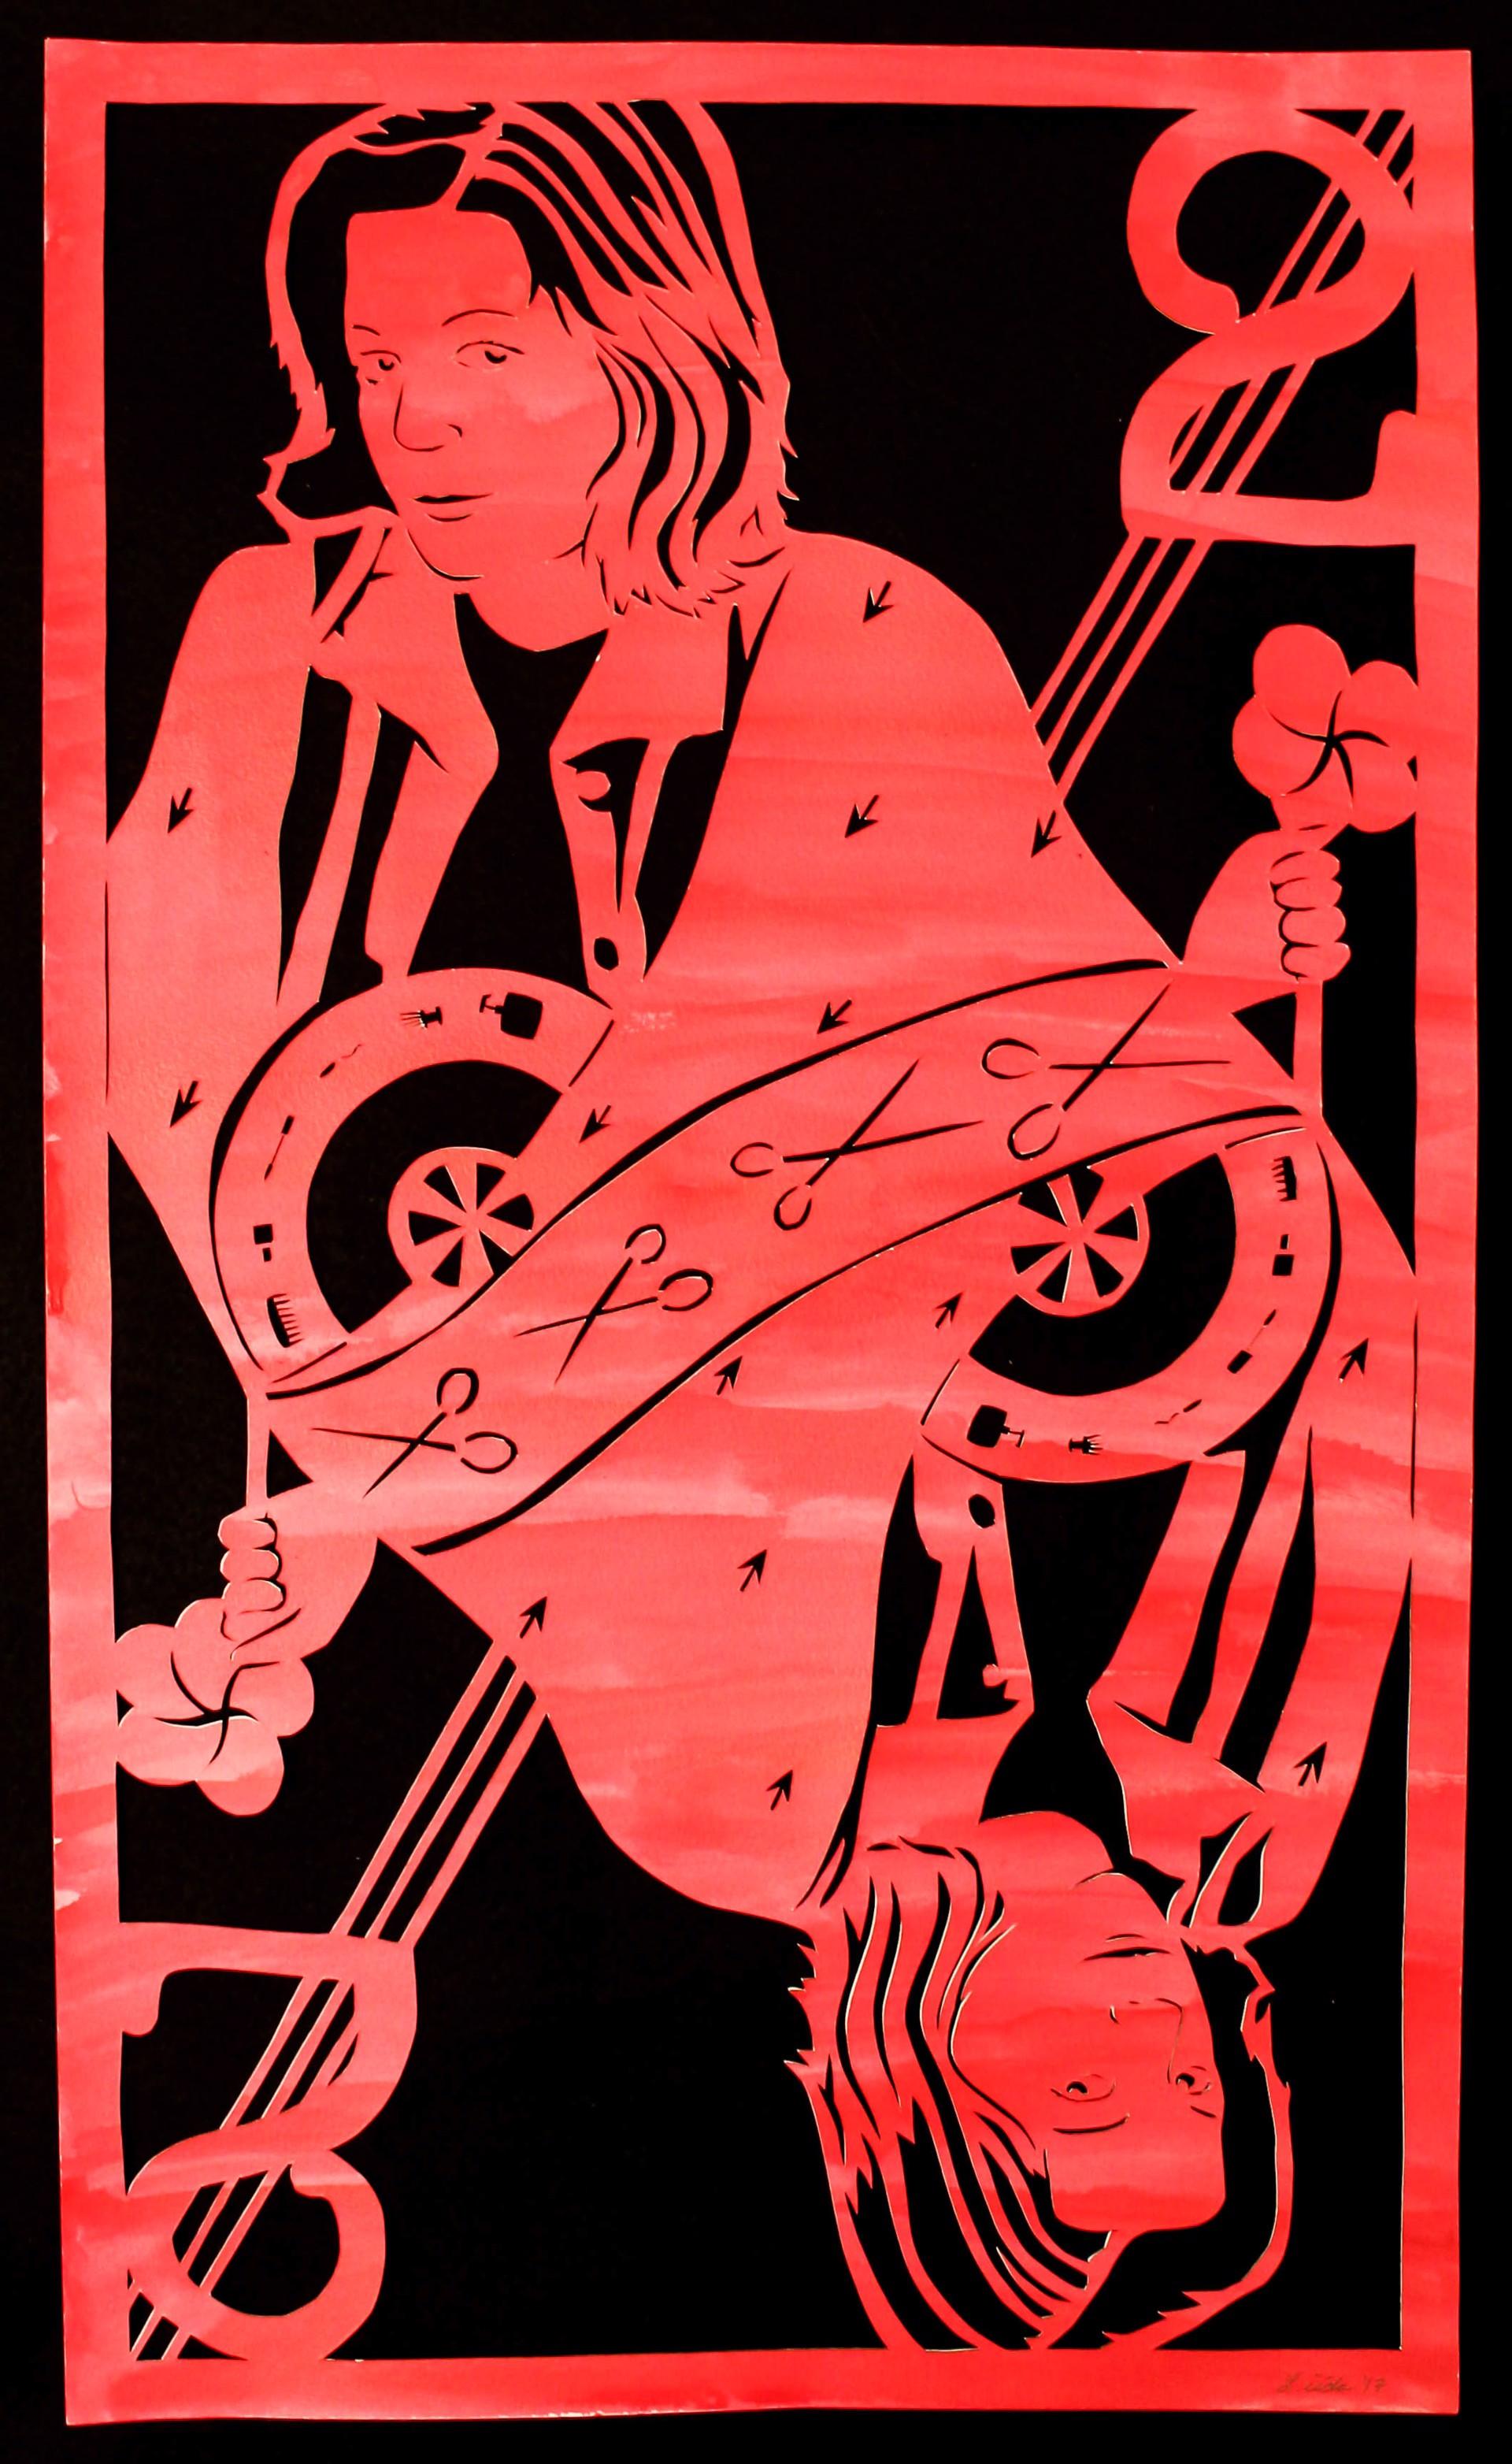 Nourish/Devour by Lauren Iida | Early Works